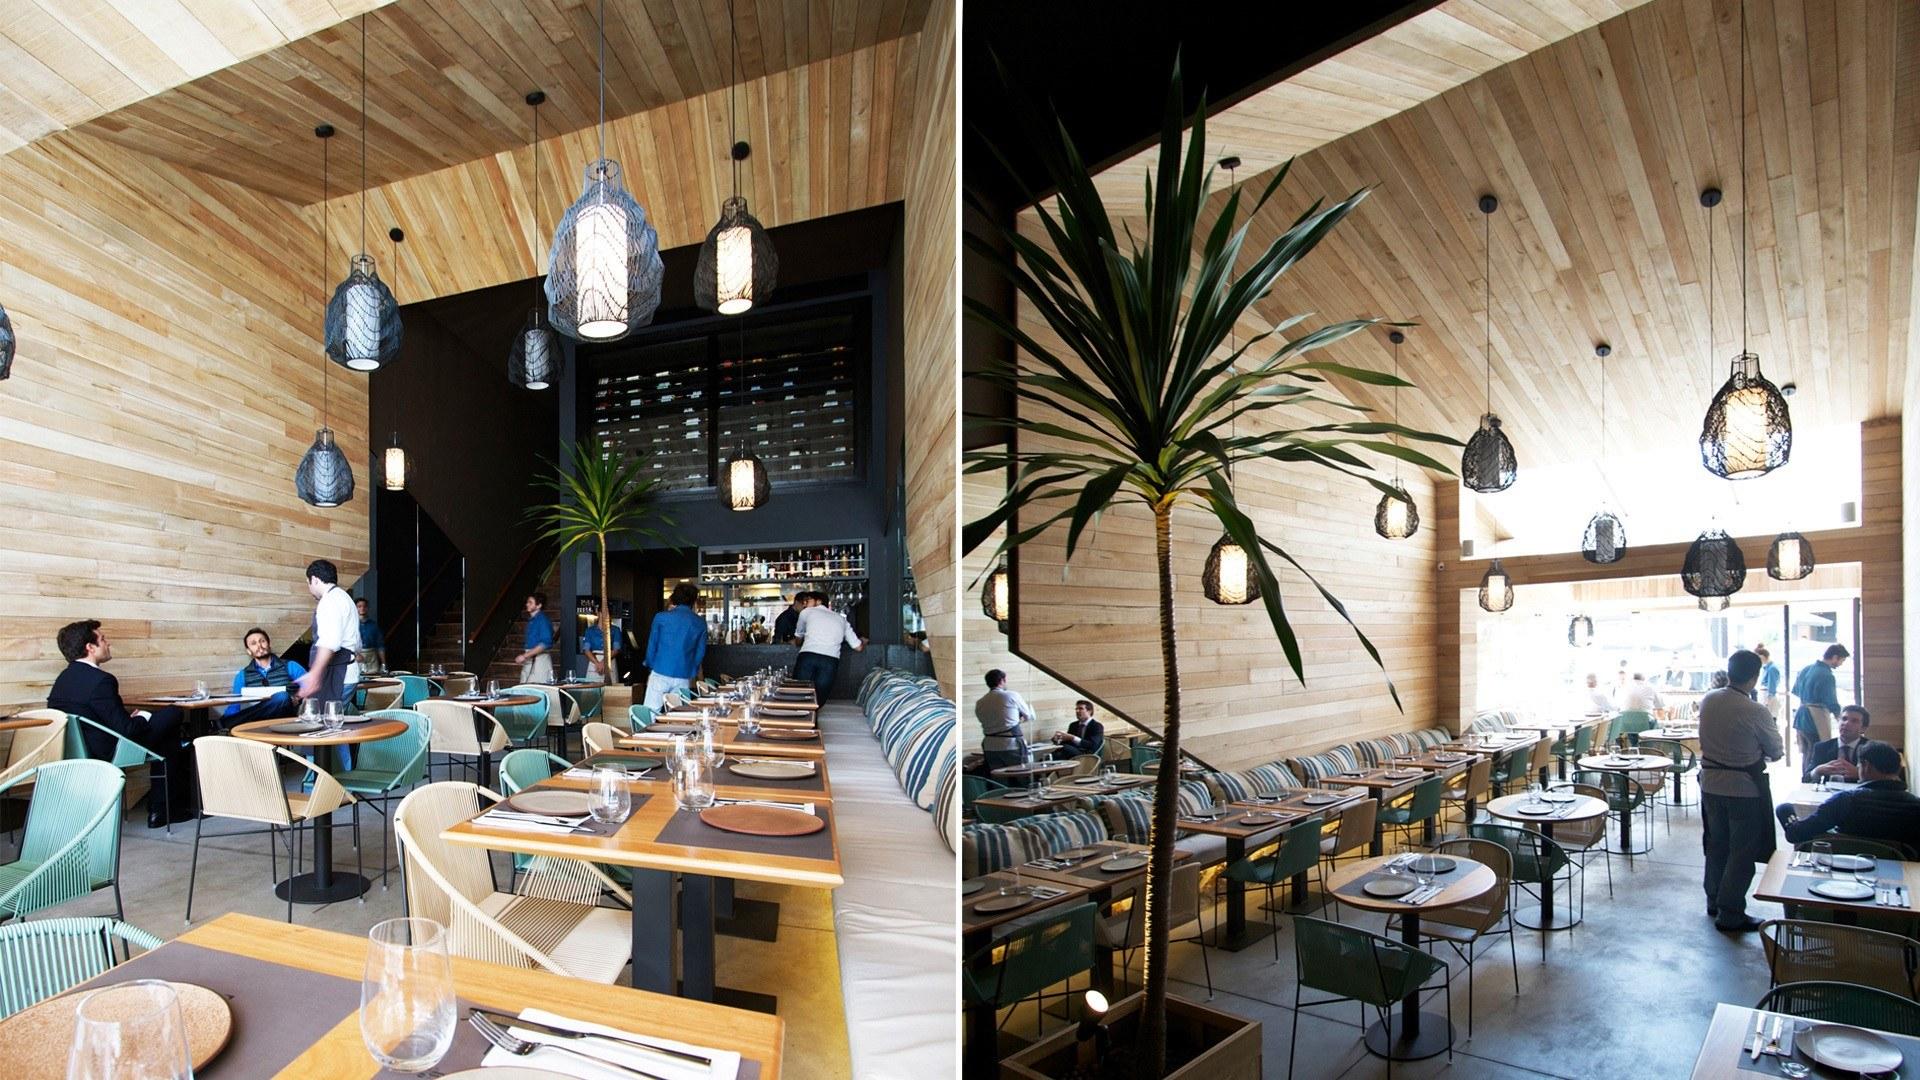 6.restaurante-tanit-interna-diurna-6